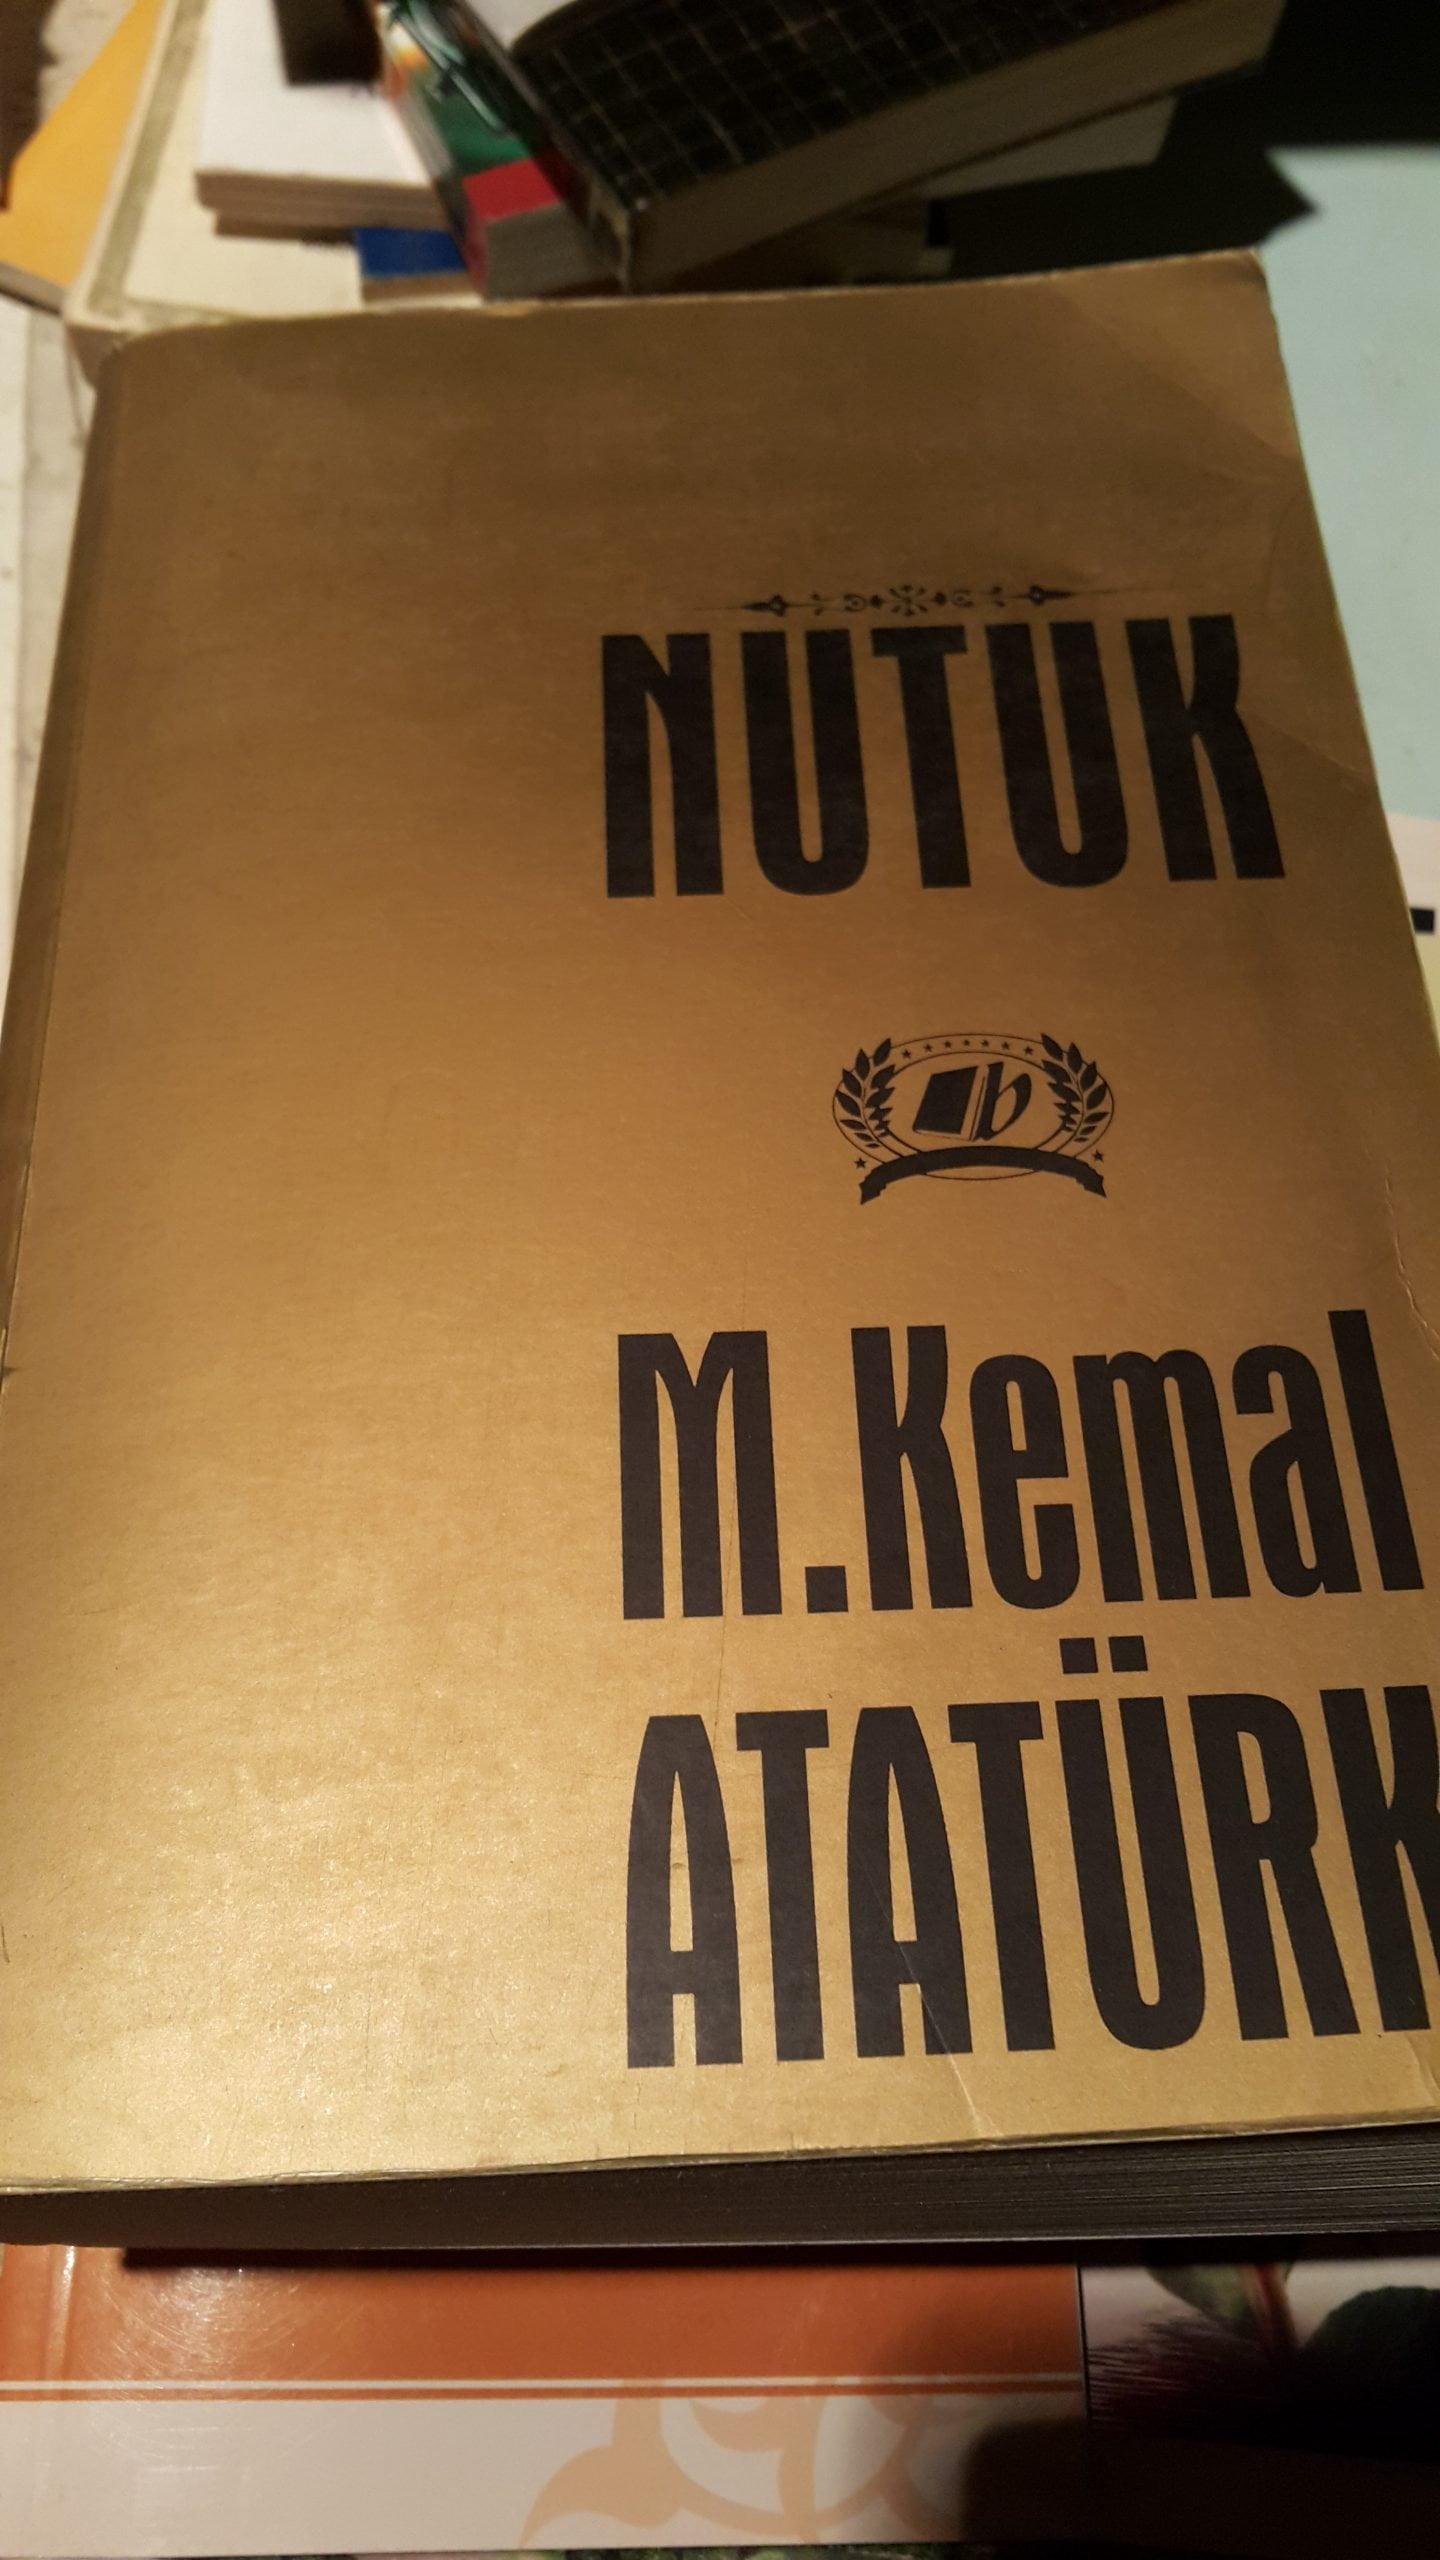 NUTUK /M.KEMAL ATATÜRK